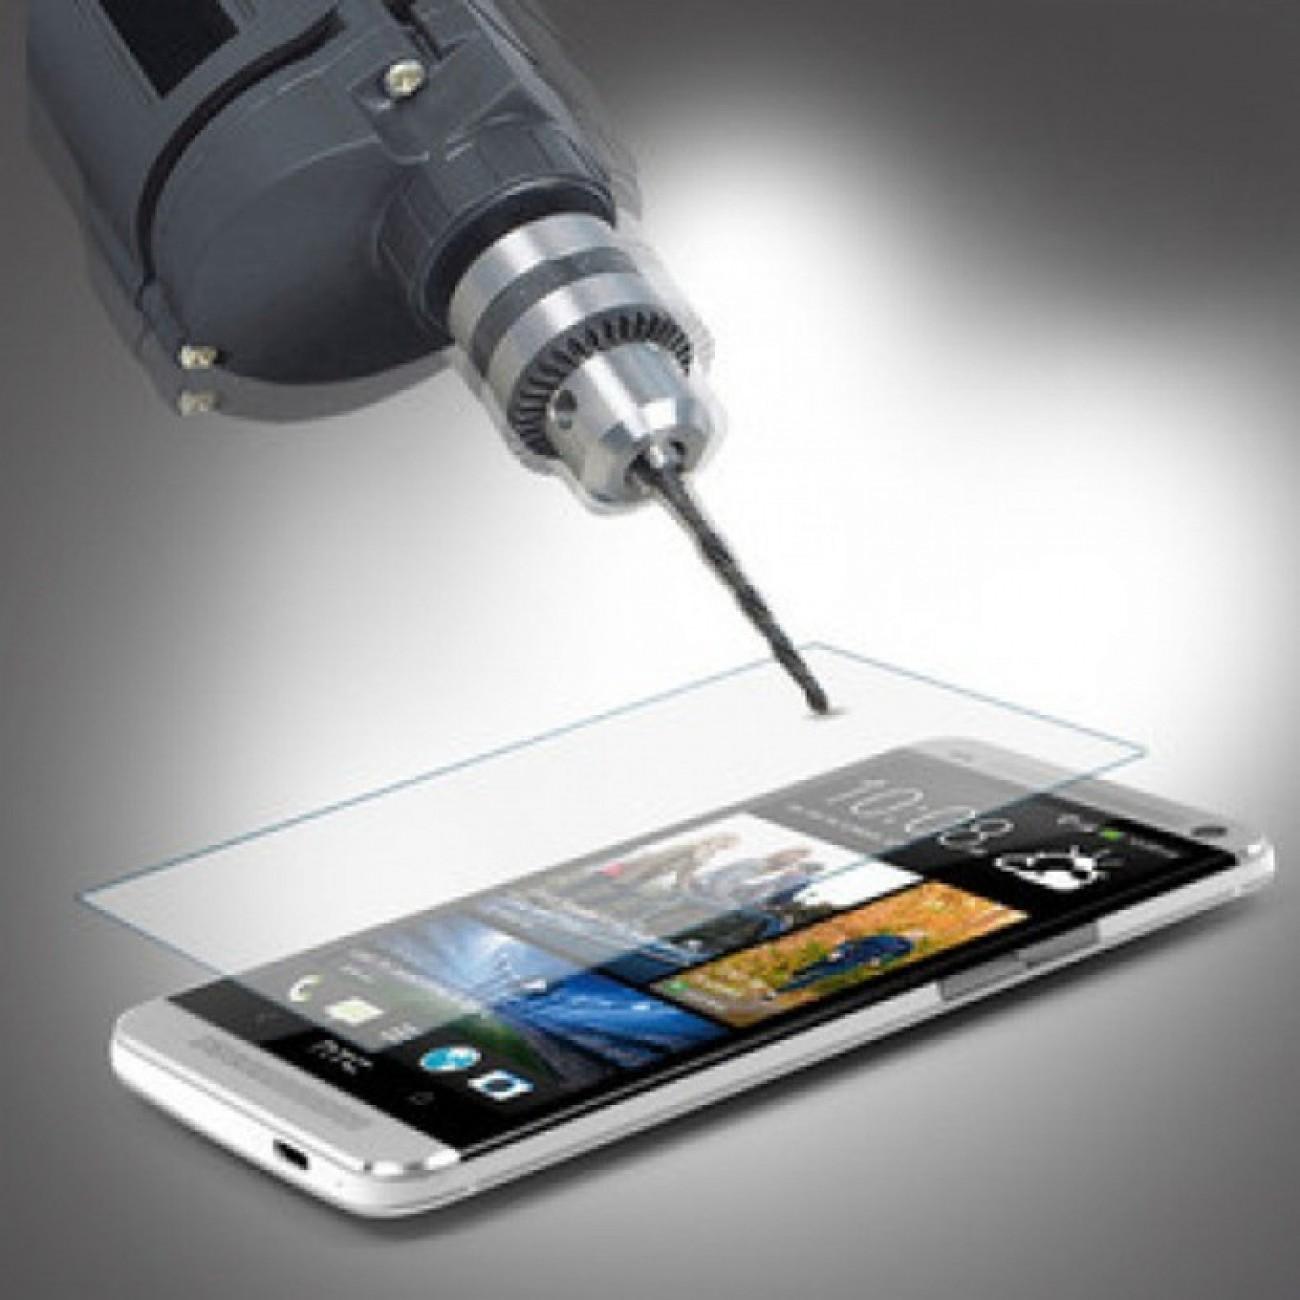 Протектор от закалено стъкло /Tempered Glass/ за HTC One M7, прозрачно в Защитно фолио -  | Alleop